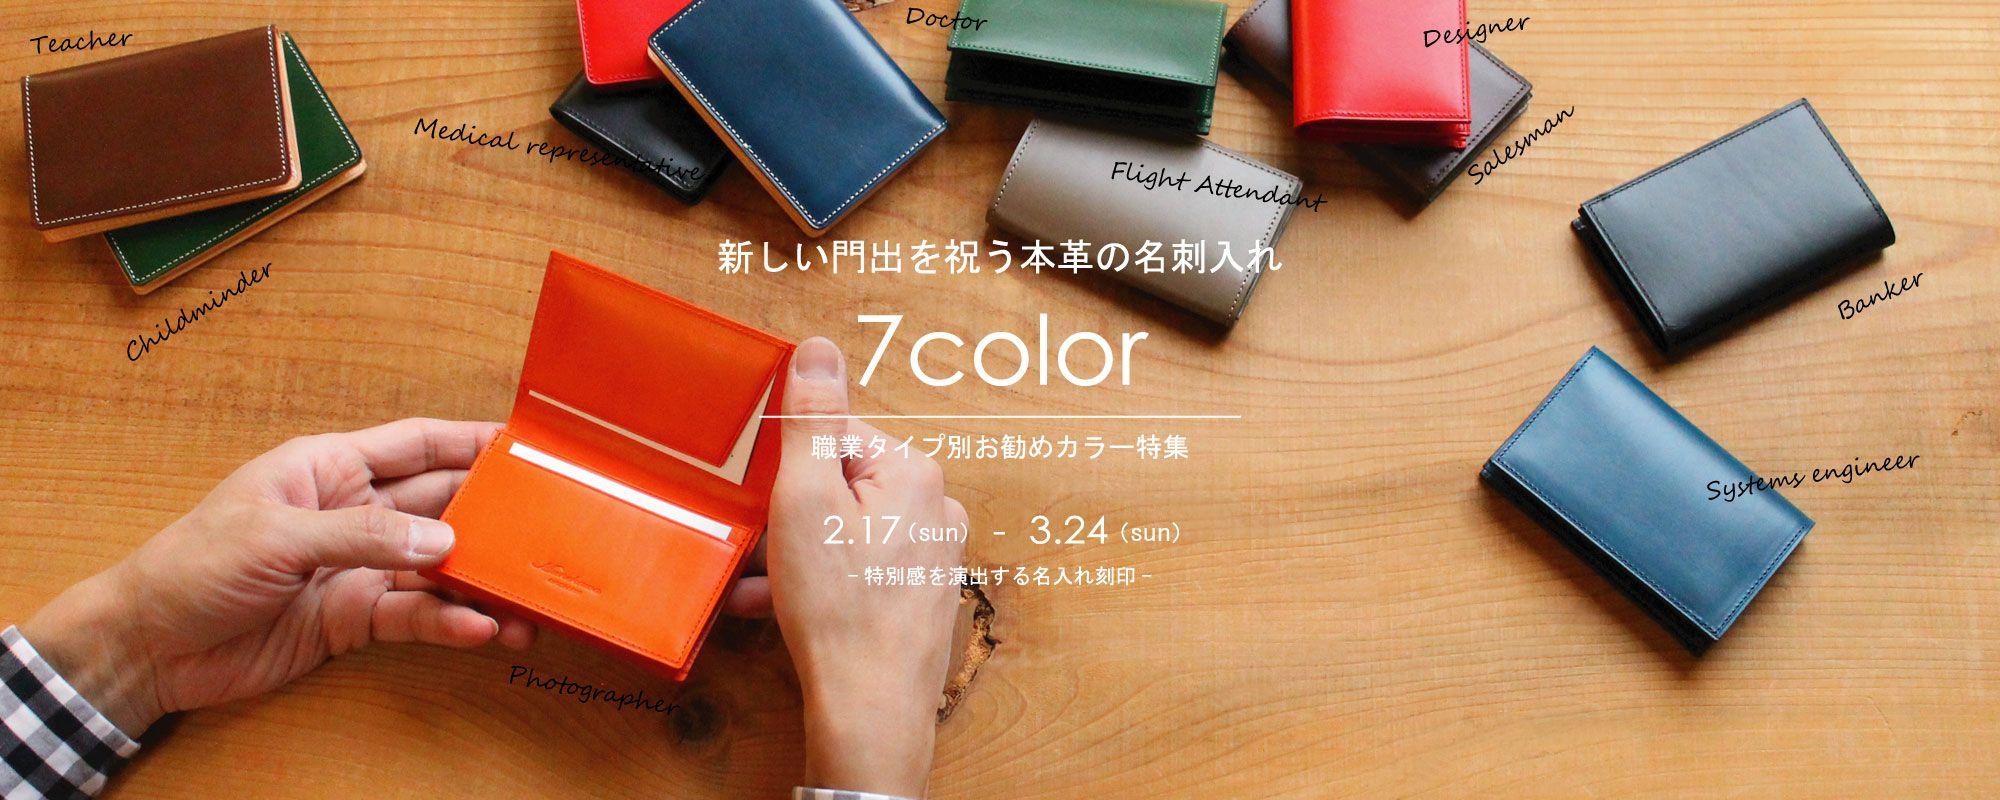 新しい門出を祝う本革の名刺入れ「7colors」